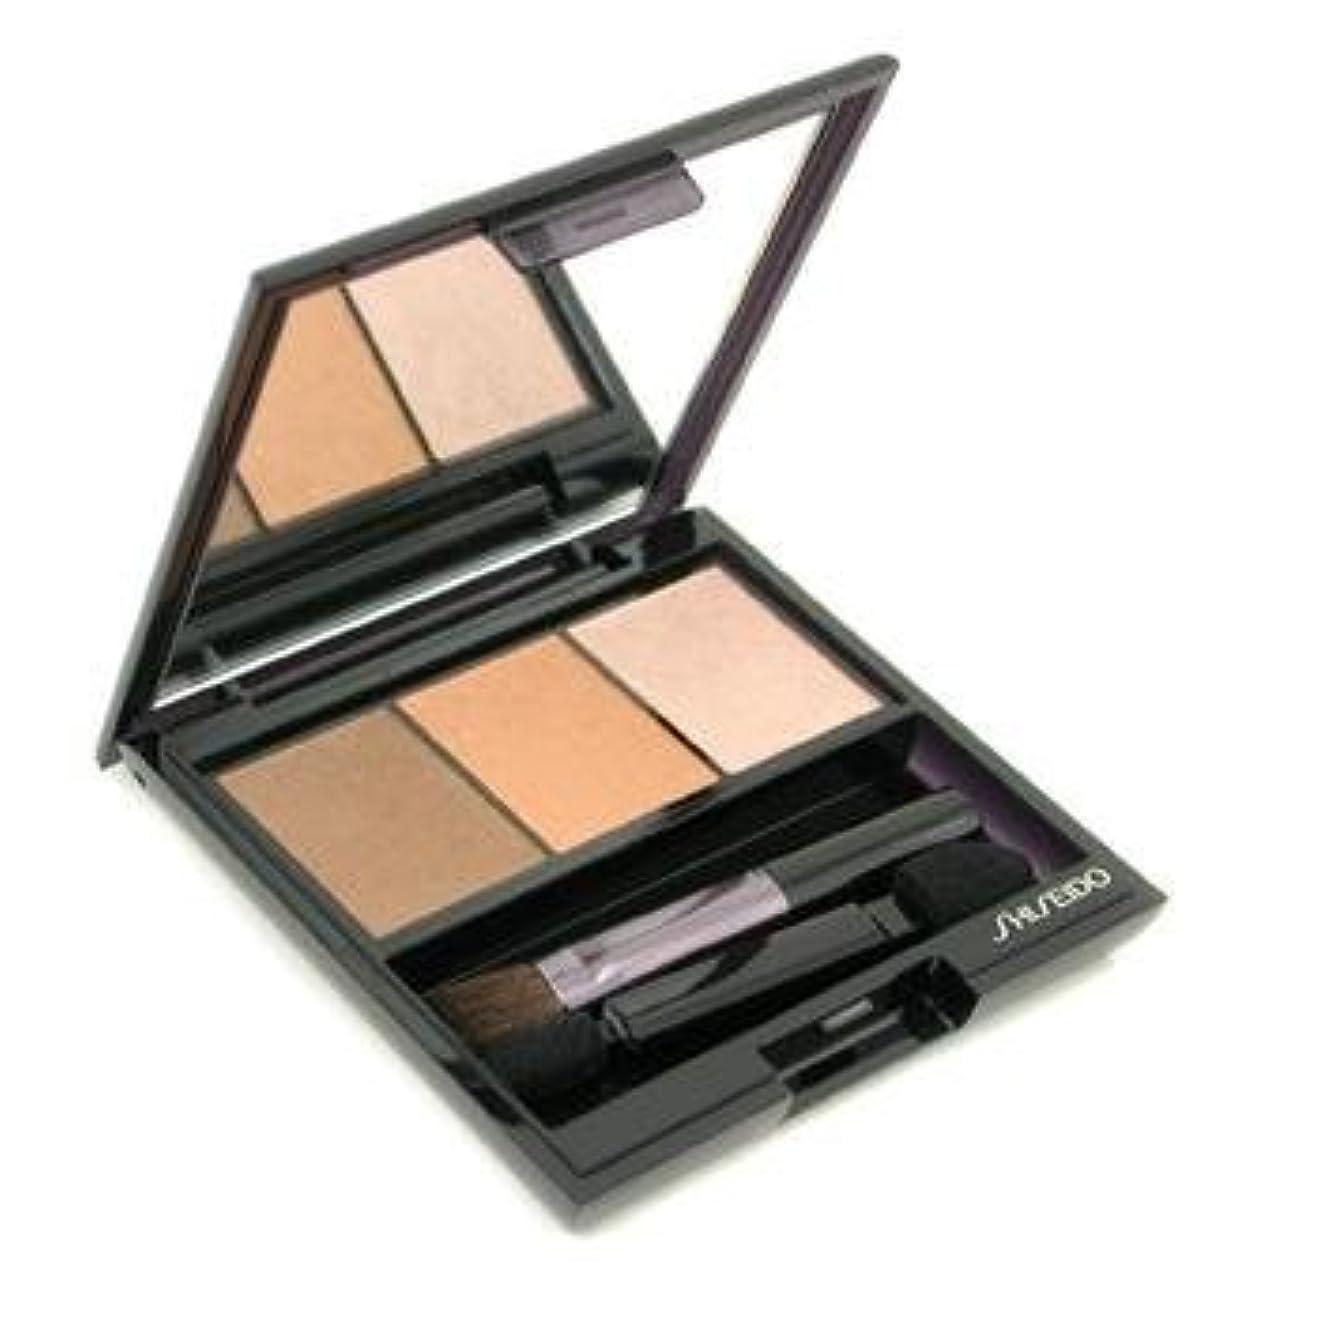 けがをする荷物振るう資生堂 ルミナイジング サテン アイカラー トリオ BR209(Shiseido Luminizing Satin Eye Color Trio BR209) [並行輸入品]